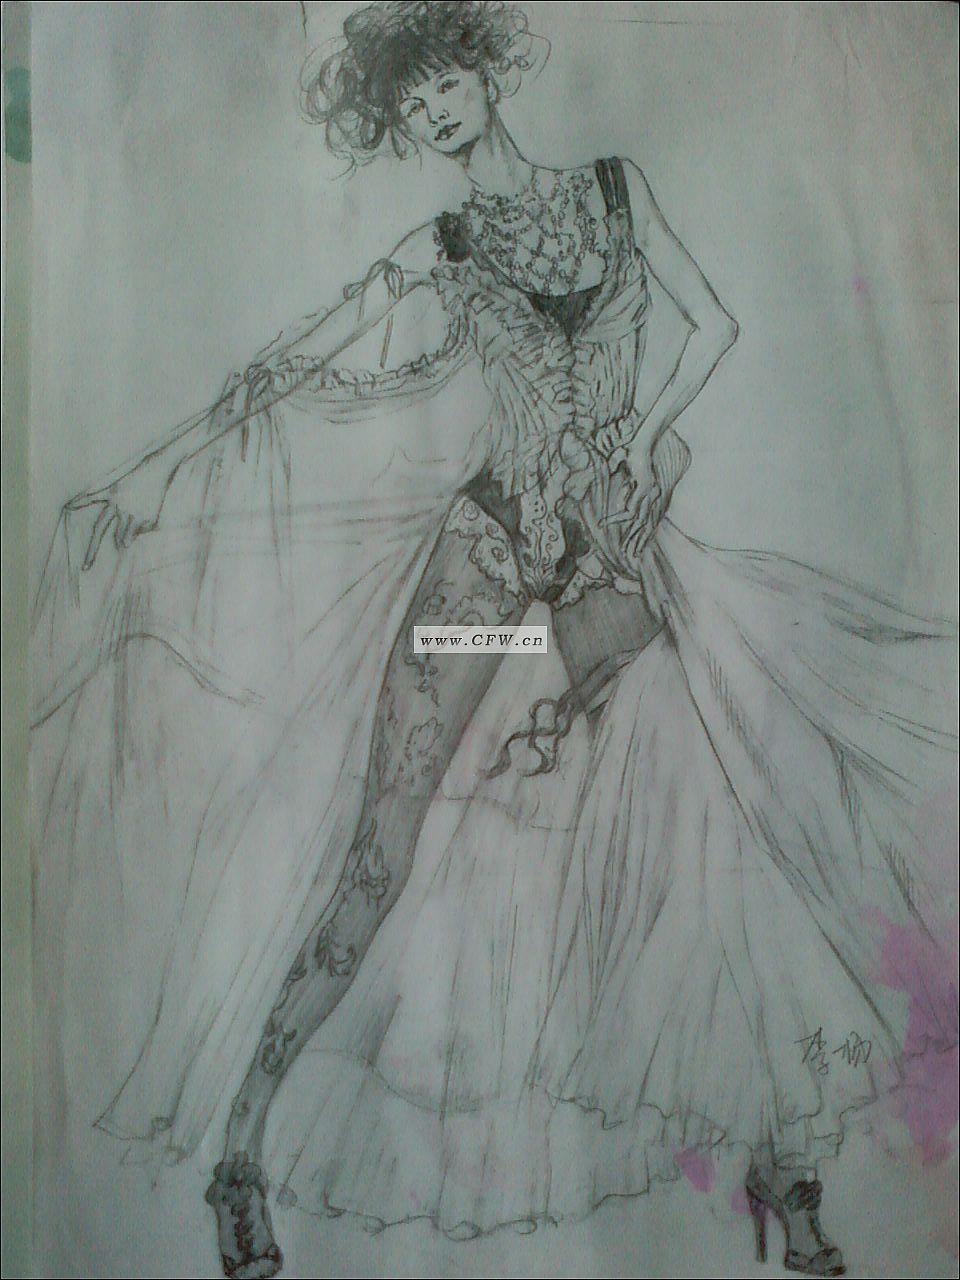 魔法师-男装设计-服装设计-服装设计网手机版|触屏版